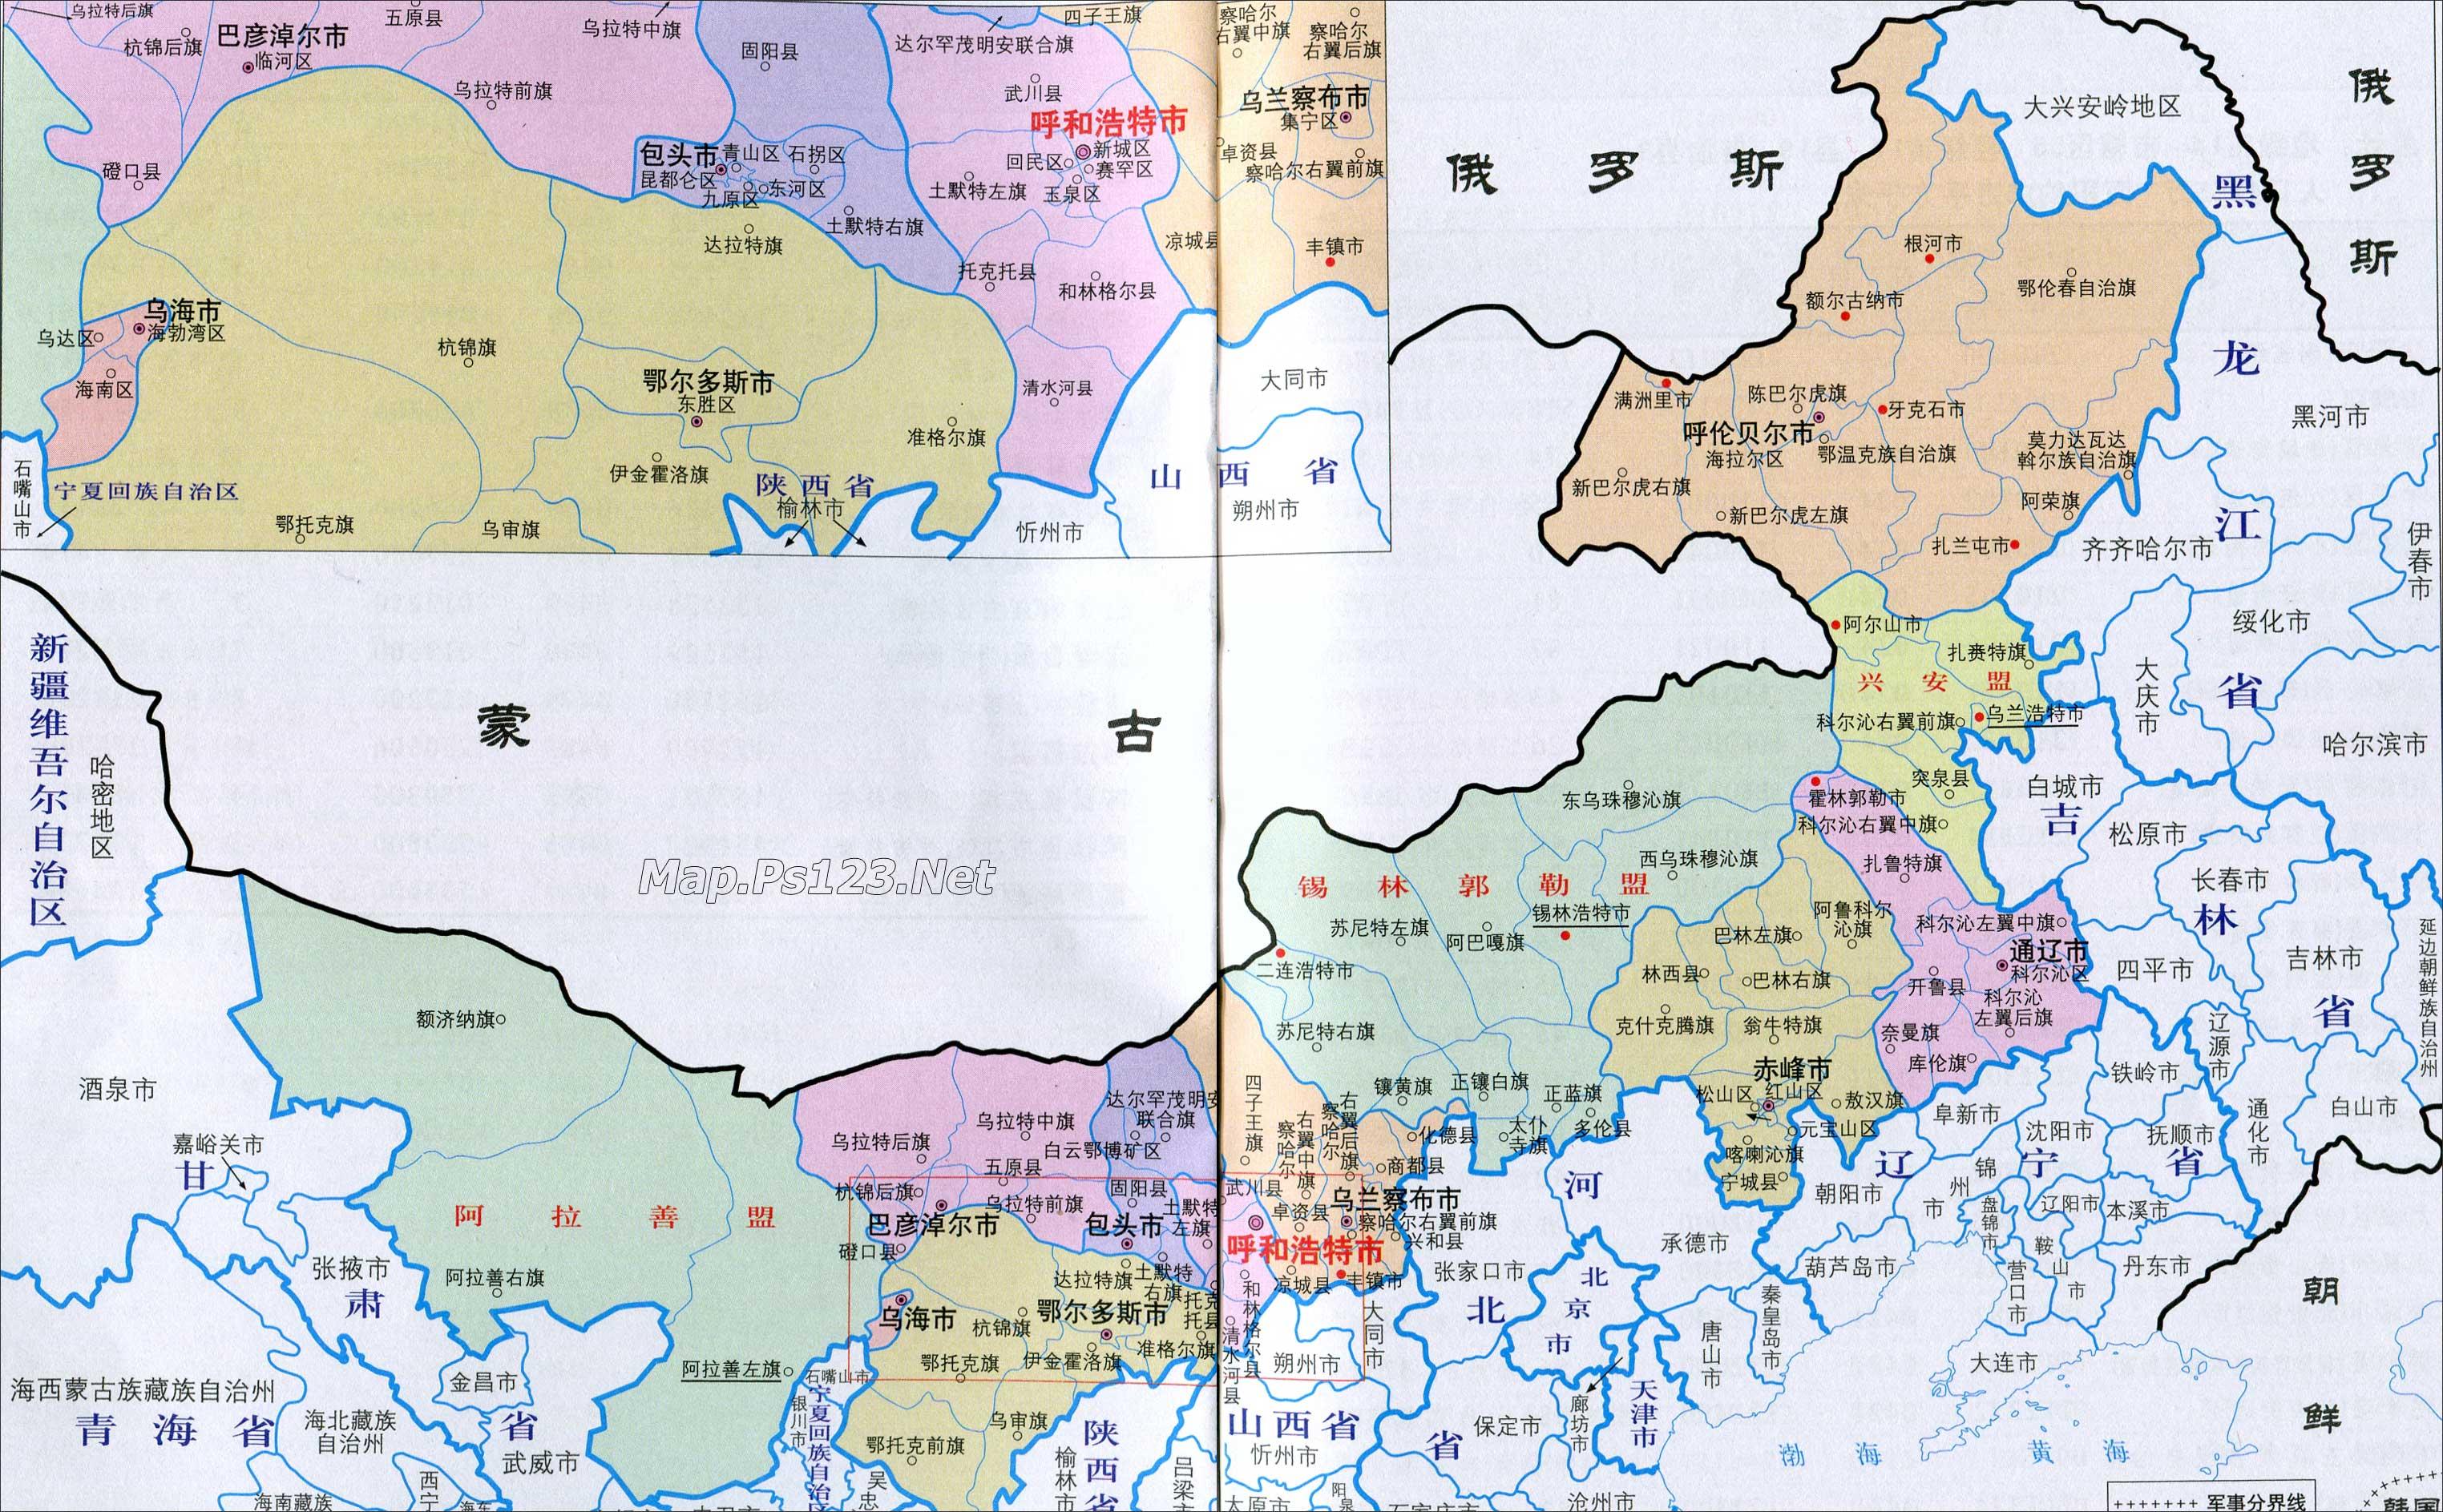 内蒙古行政区划简图